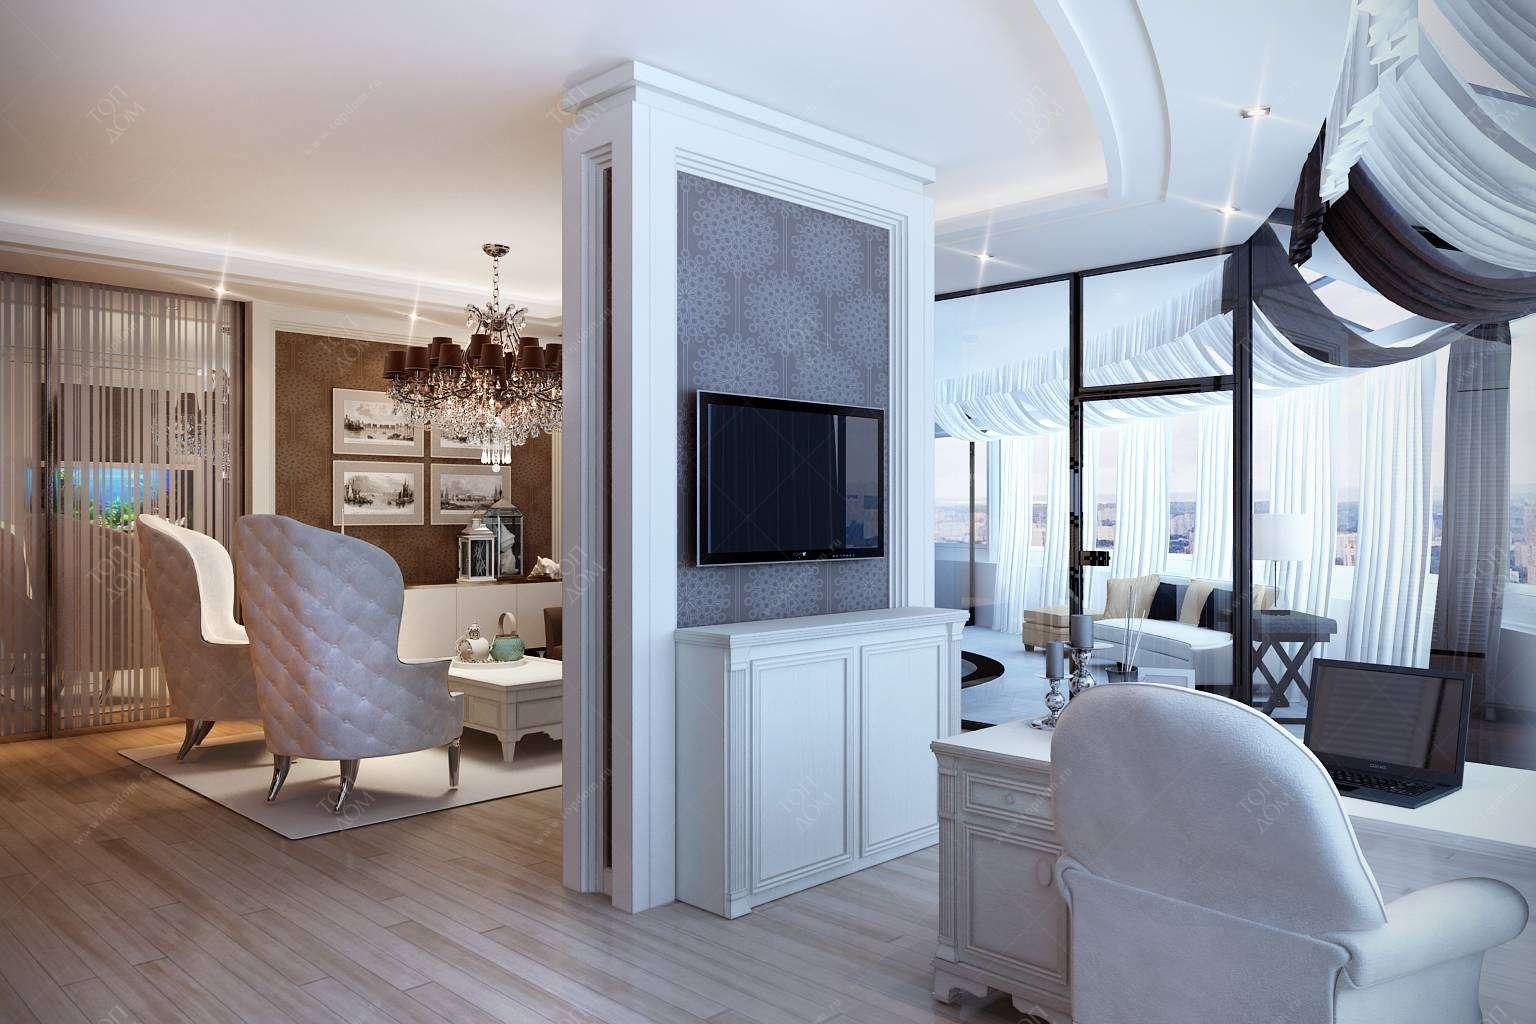 Классический дизайн интерьера квартир: правила и особенности оформления